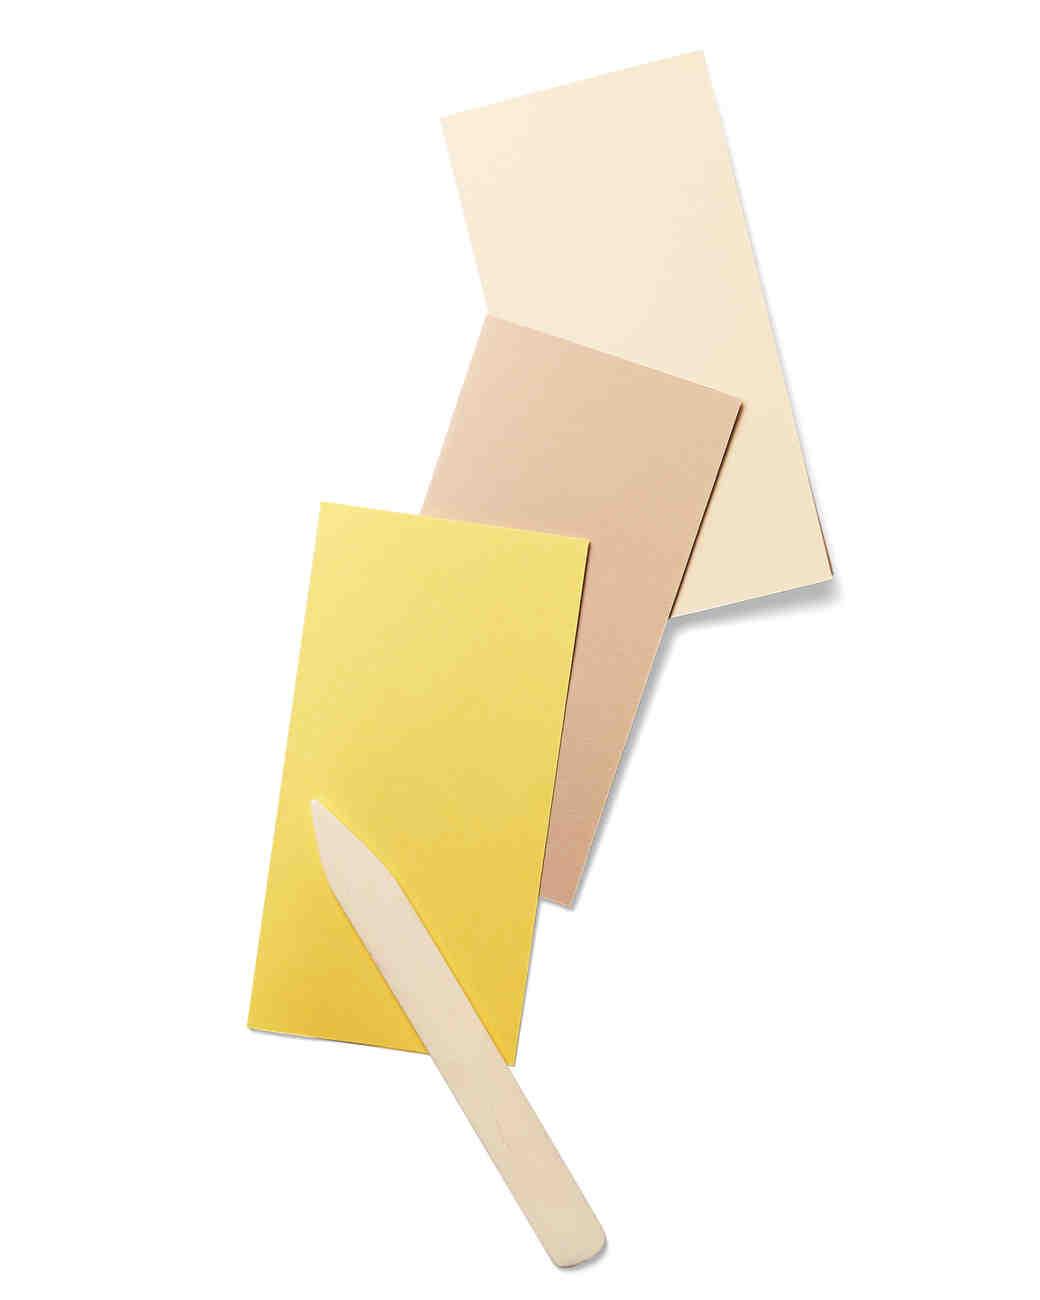 bone-folder-023-d111933.jpg